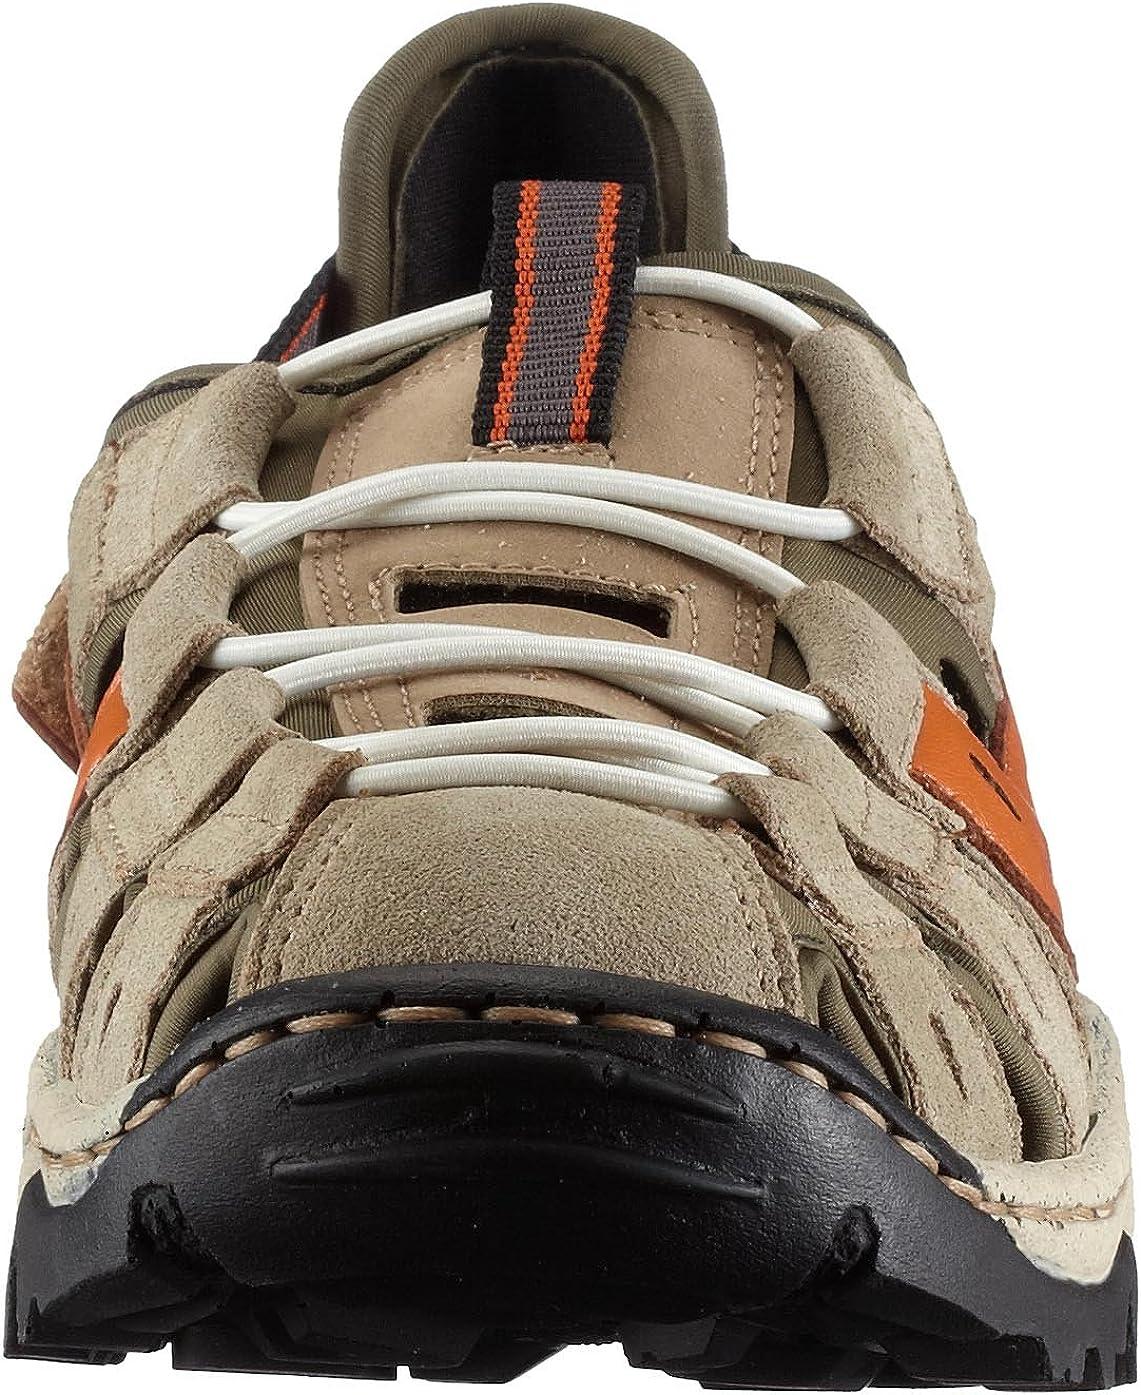 Rieker Leandra L0276 41, Damen Sneaker, beige kombi, (nebbia